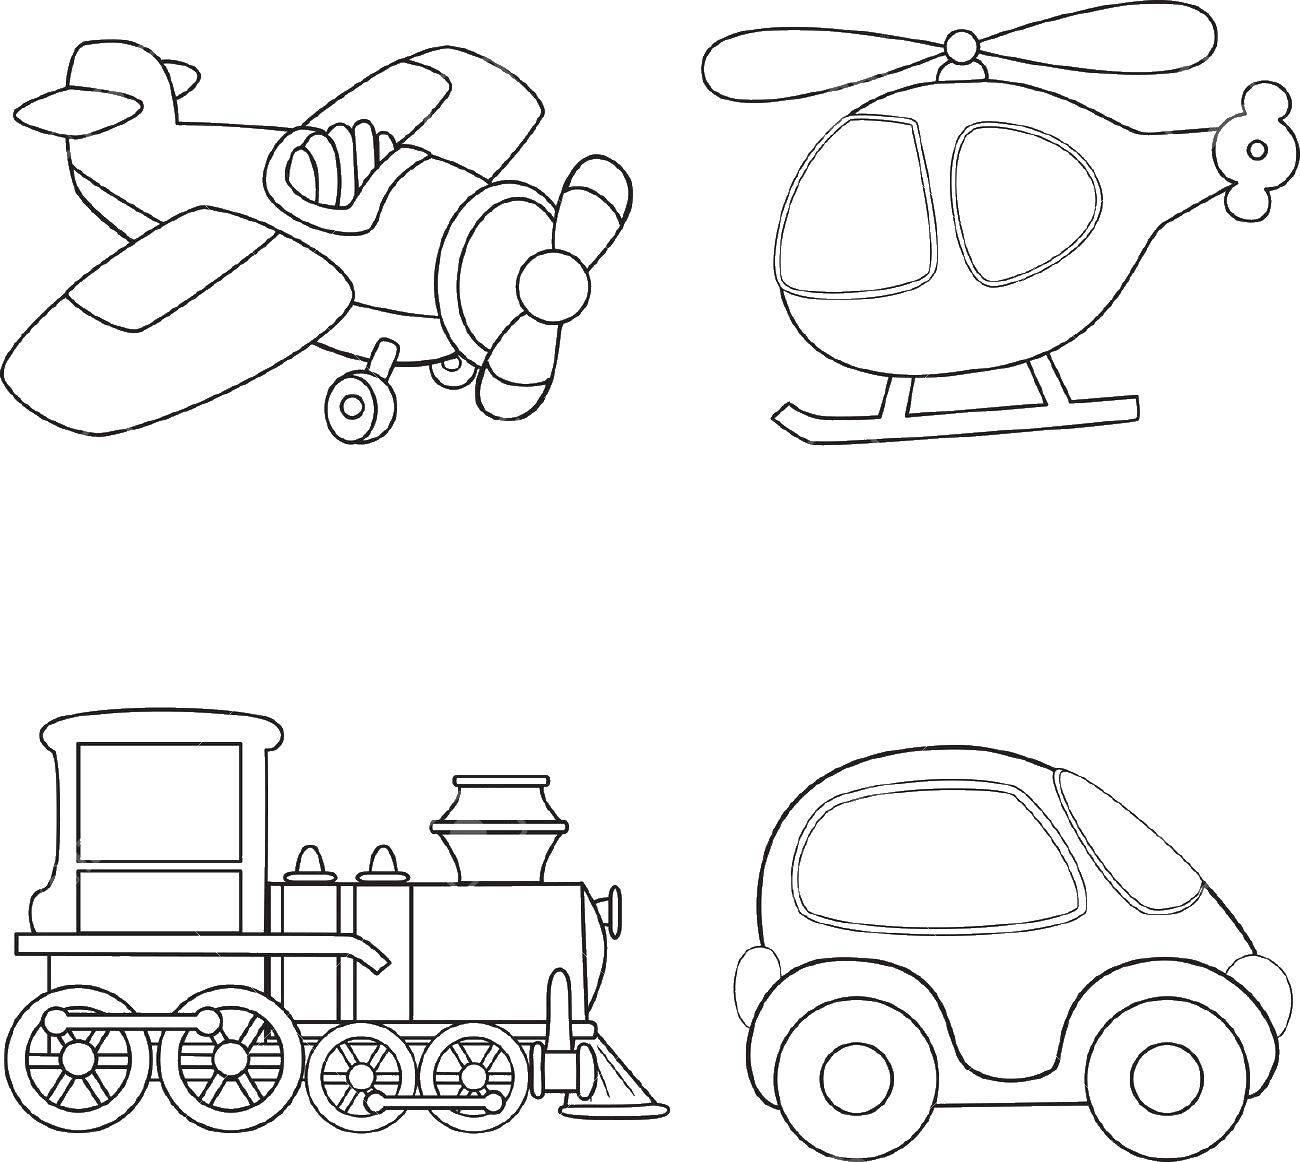 Раскраска Разный транспорт. Скачать транспорт.  Распечатать ,транспорт,